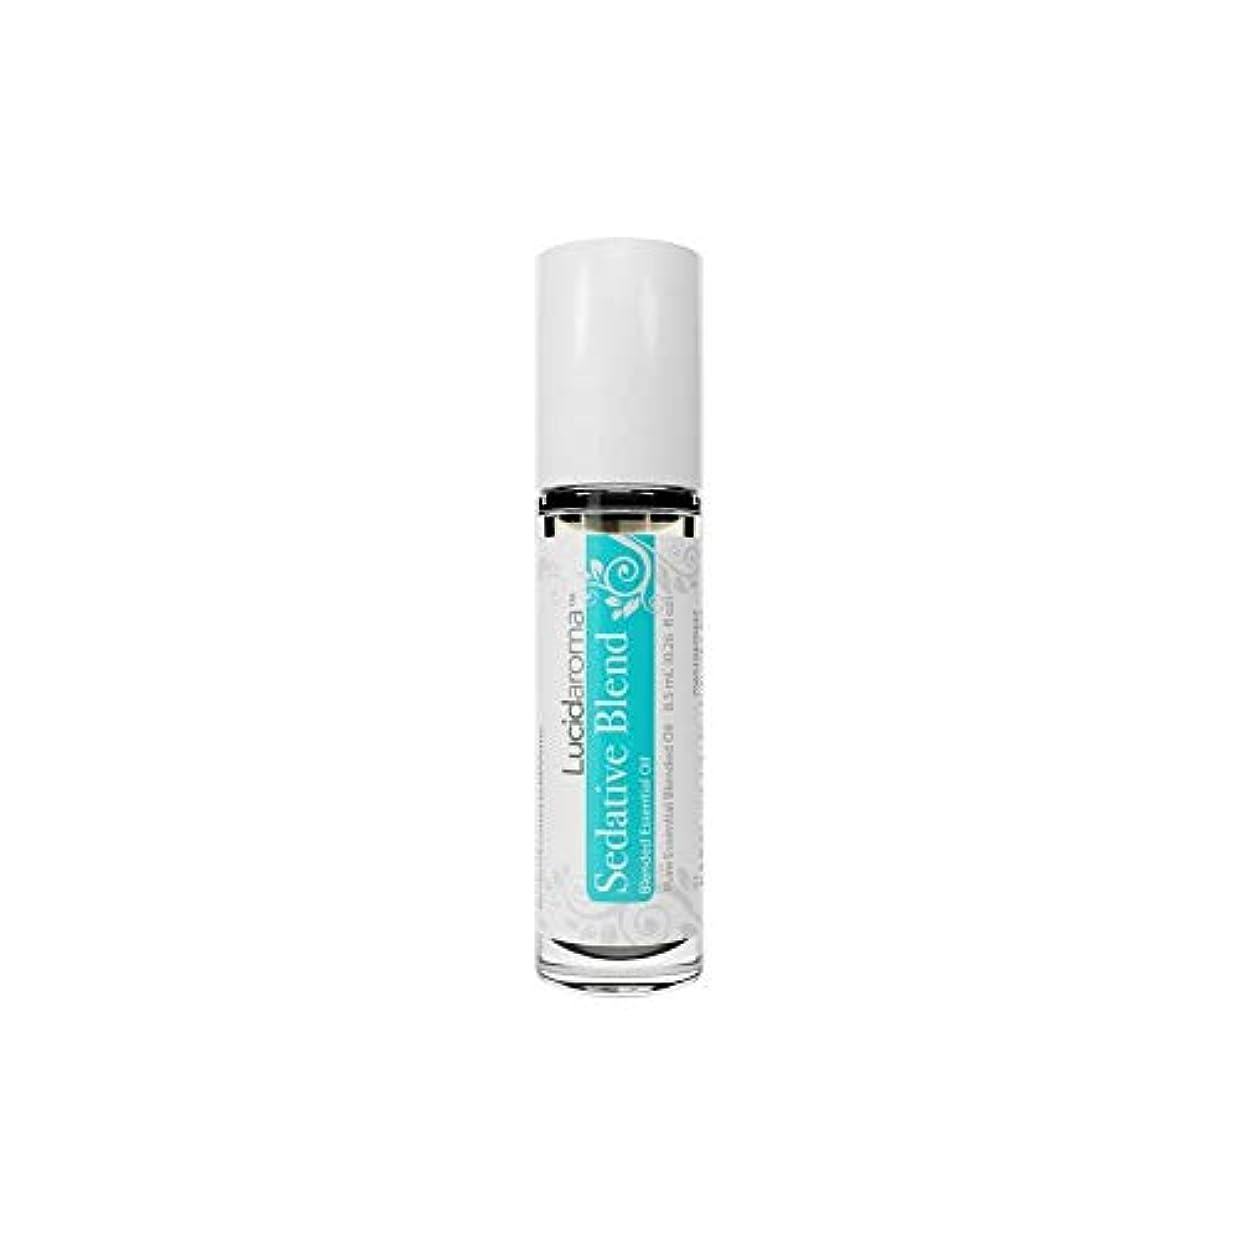 テントボイドソビエトLucid Aroma Sedative Blend セダティヴ ブレンド ロールオン アロマオイル 8.5mL (塗るアロマ) 100%天然 携帯便利 ピュア エッセンシャル アメリカ製